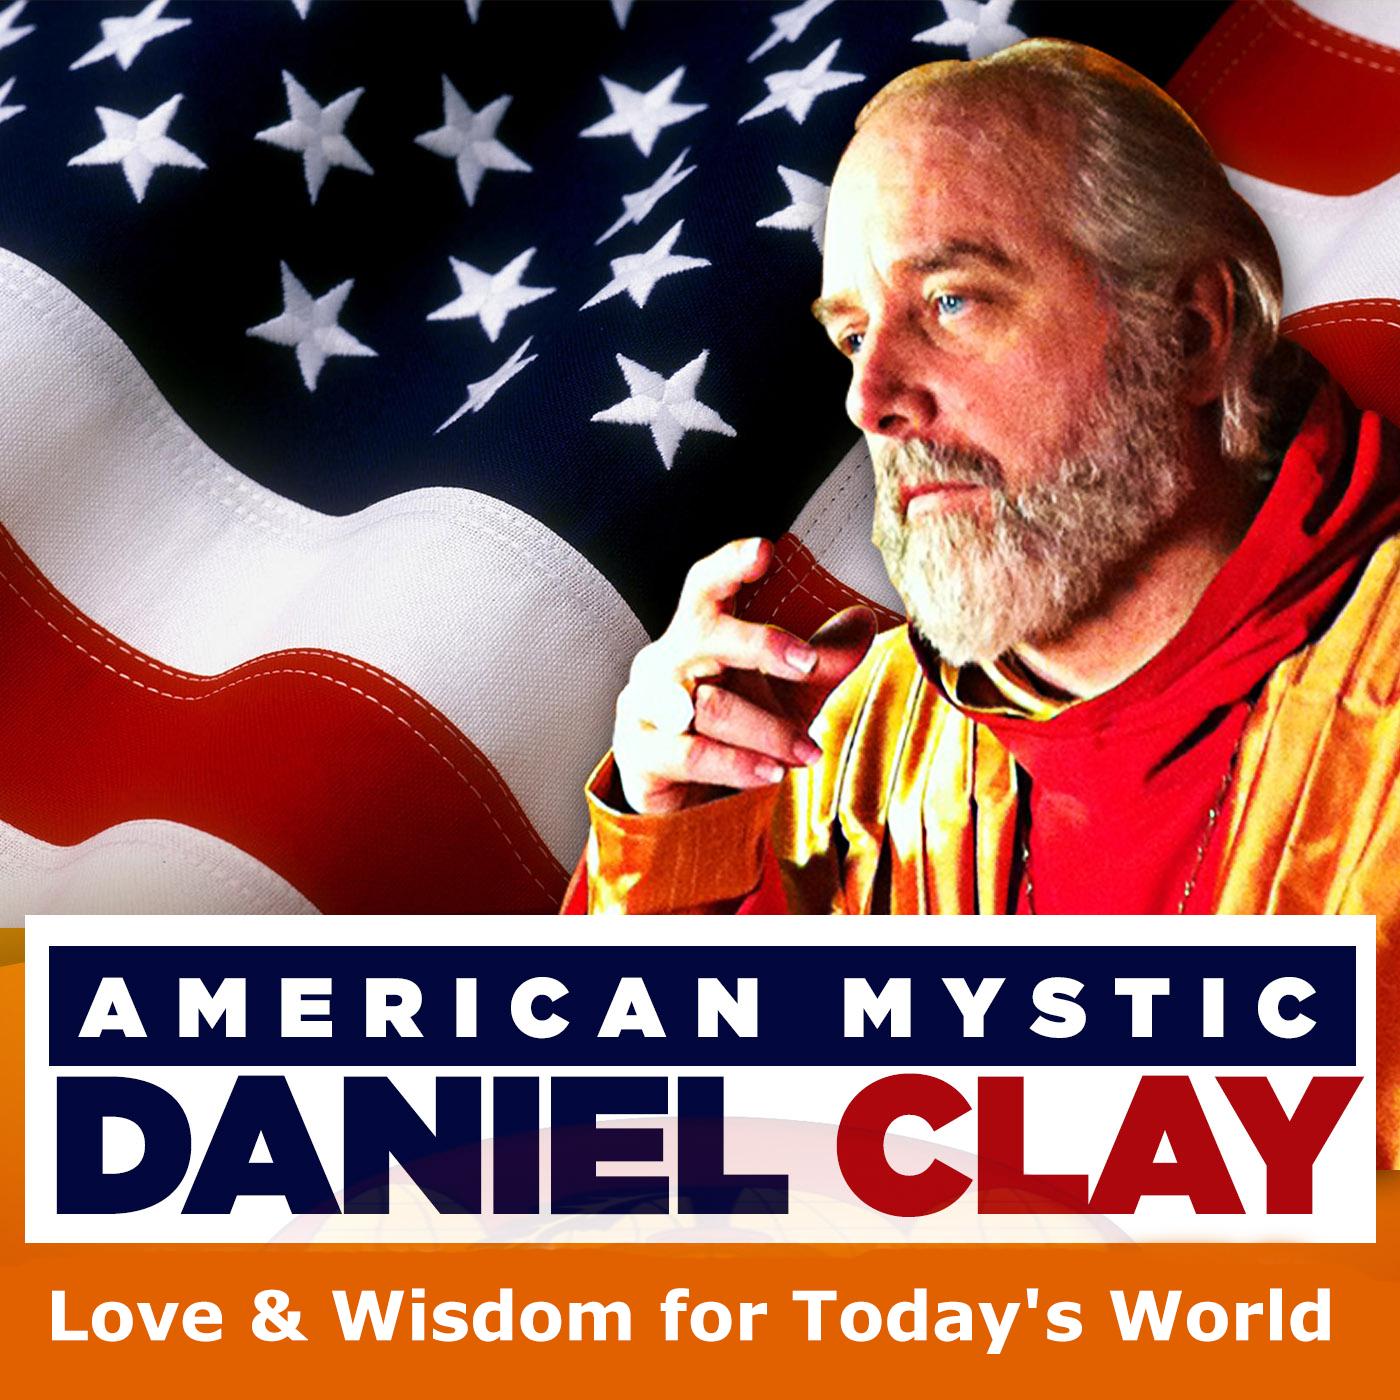 American Mystic Daniel Clay